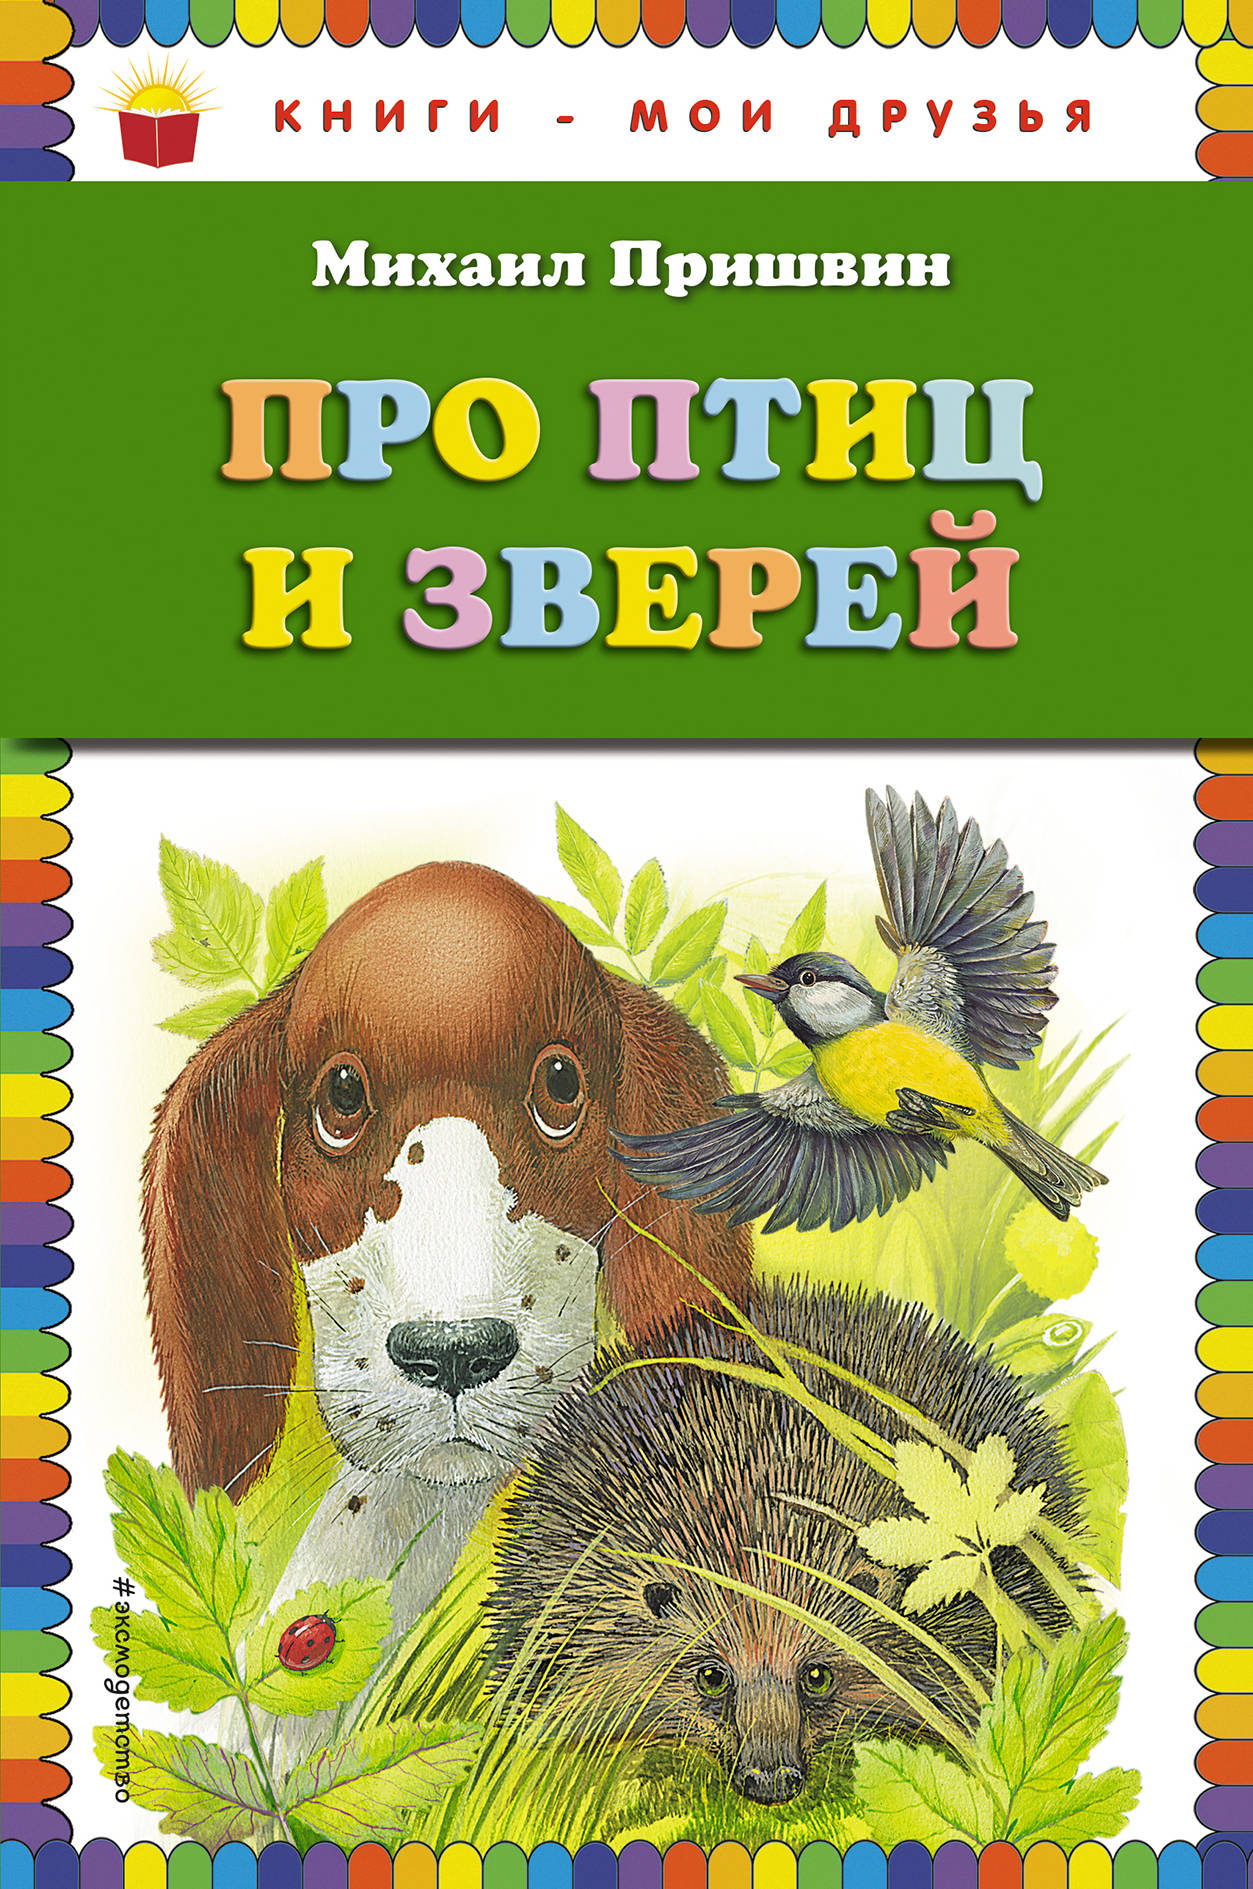 книги с рассказами о животных с авторами список просила